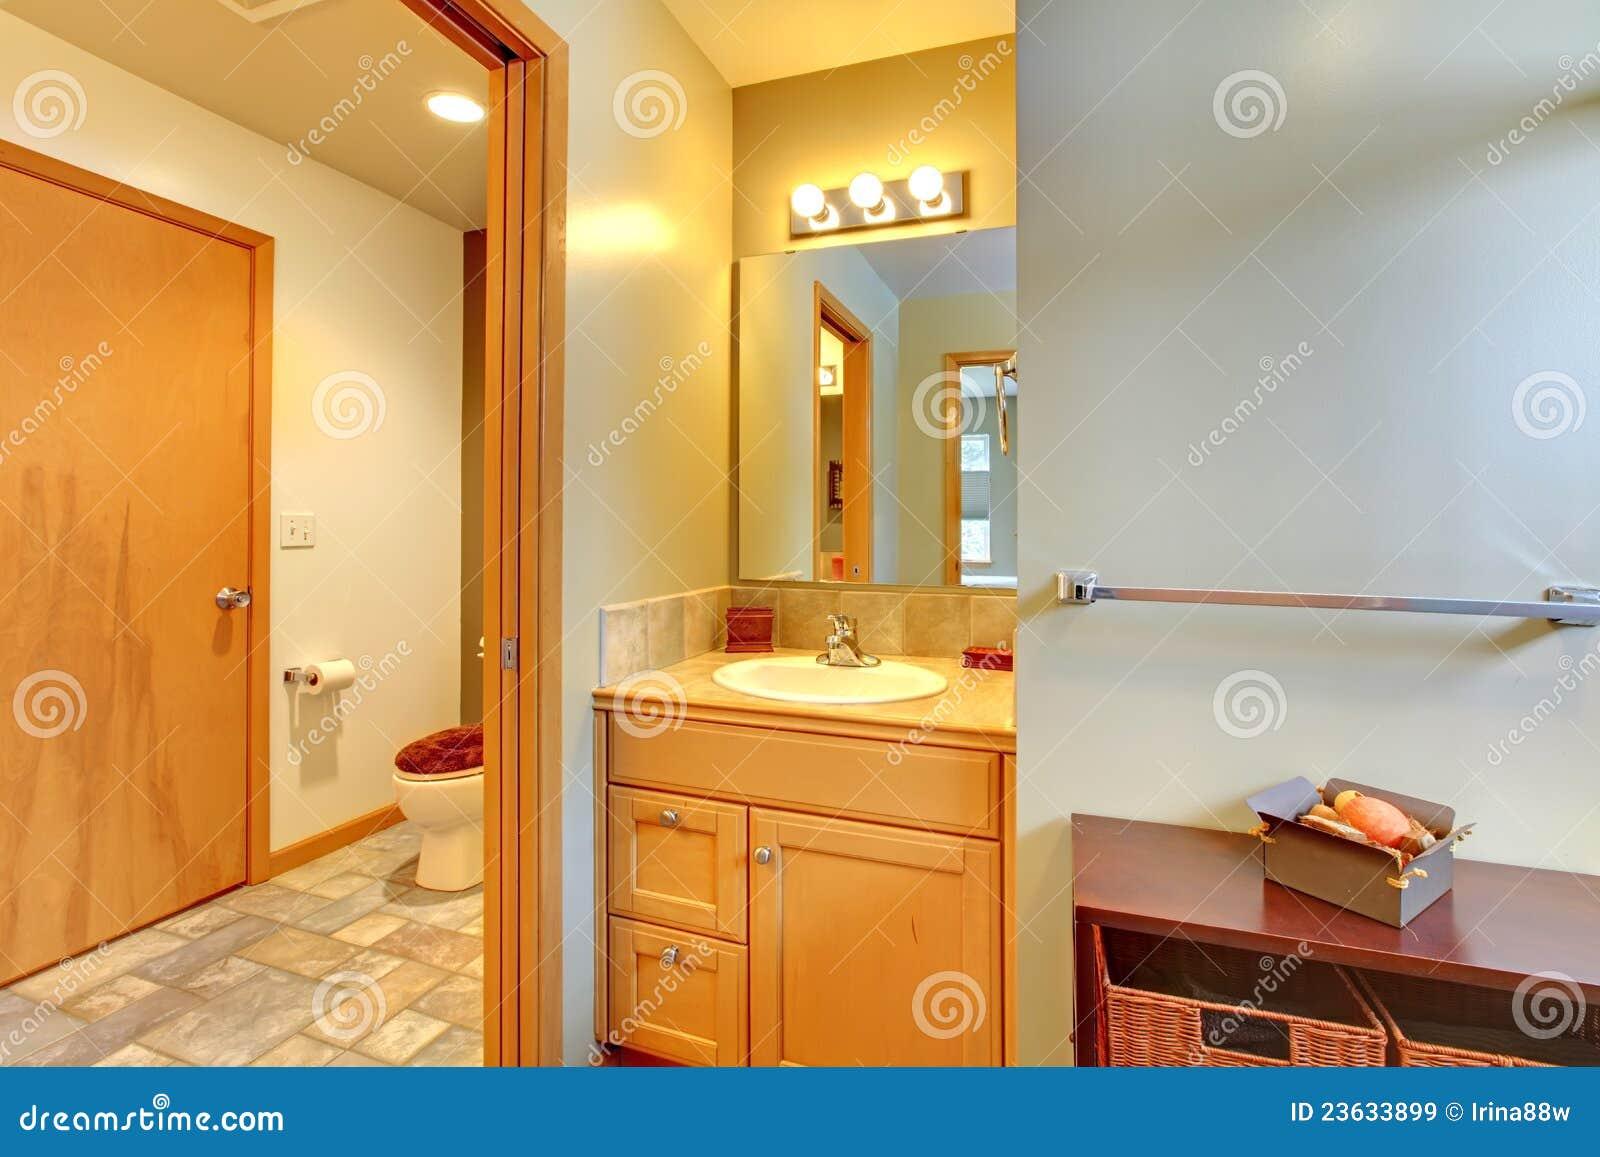 För lokalvask för badrum stor toalett royaltyfria bilder   bild ...